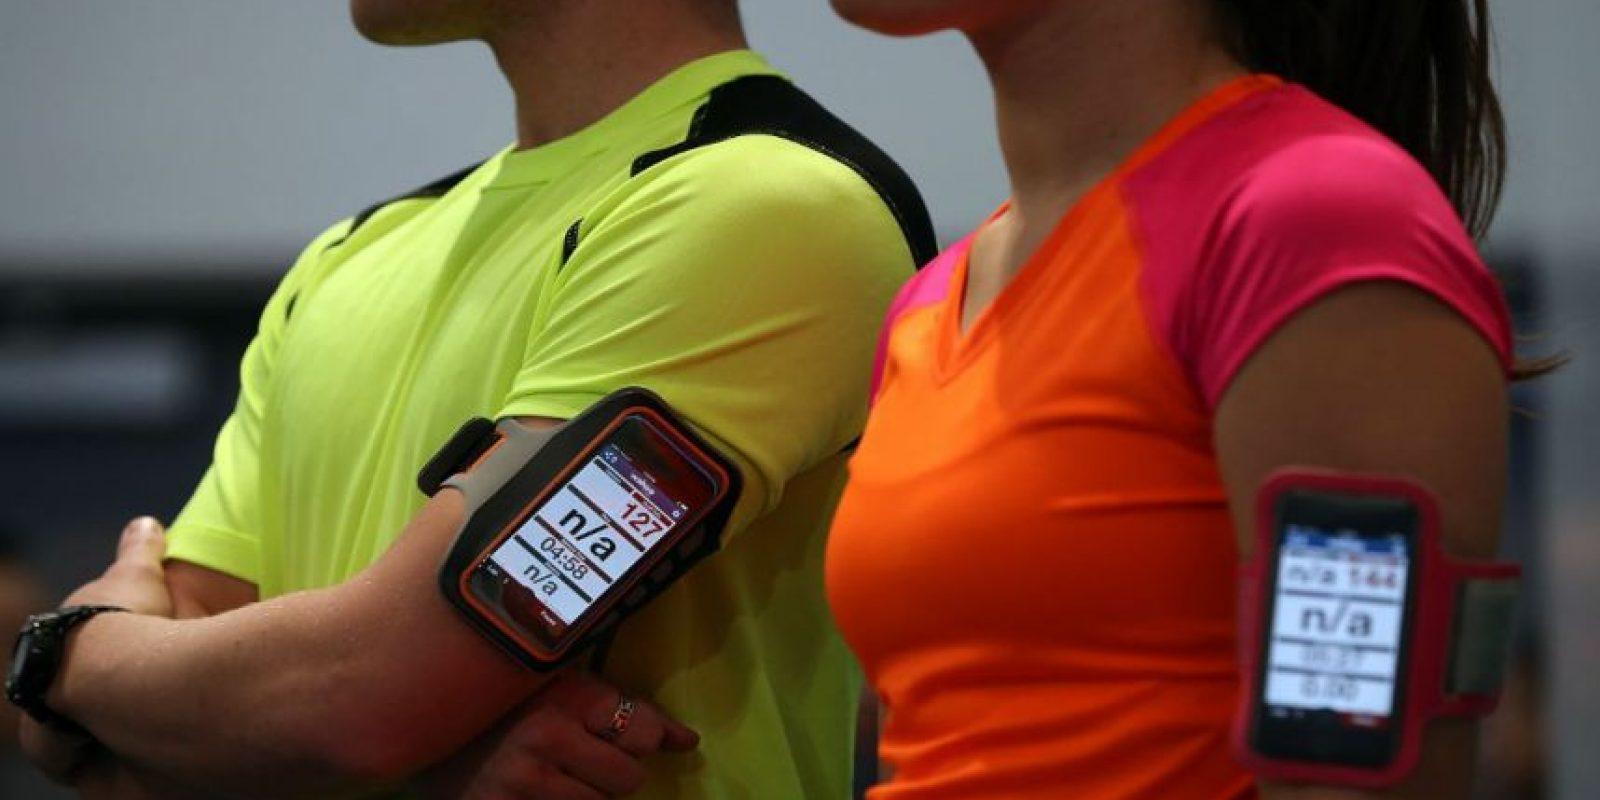 Su celular puede ayudarlos a tener una vida saludable Foto:Getty Images